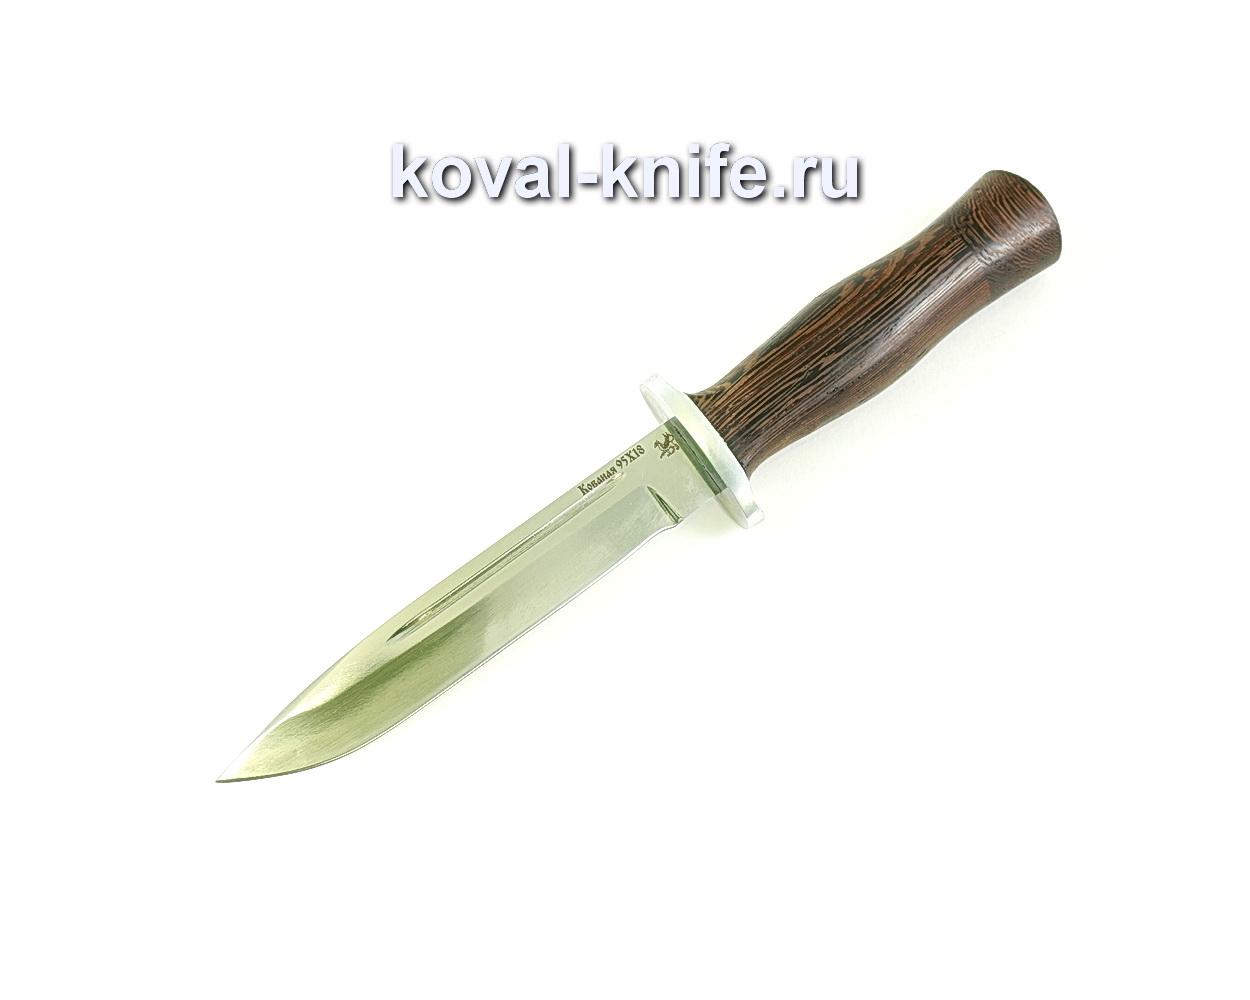 Нож Вишня (сталь 95х18) рукоять венге A278